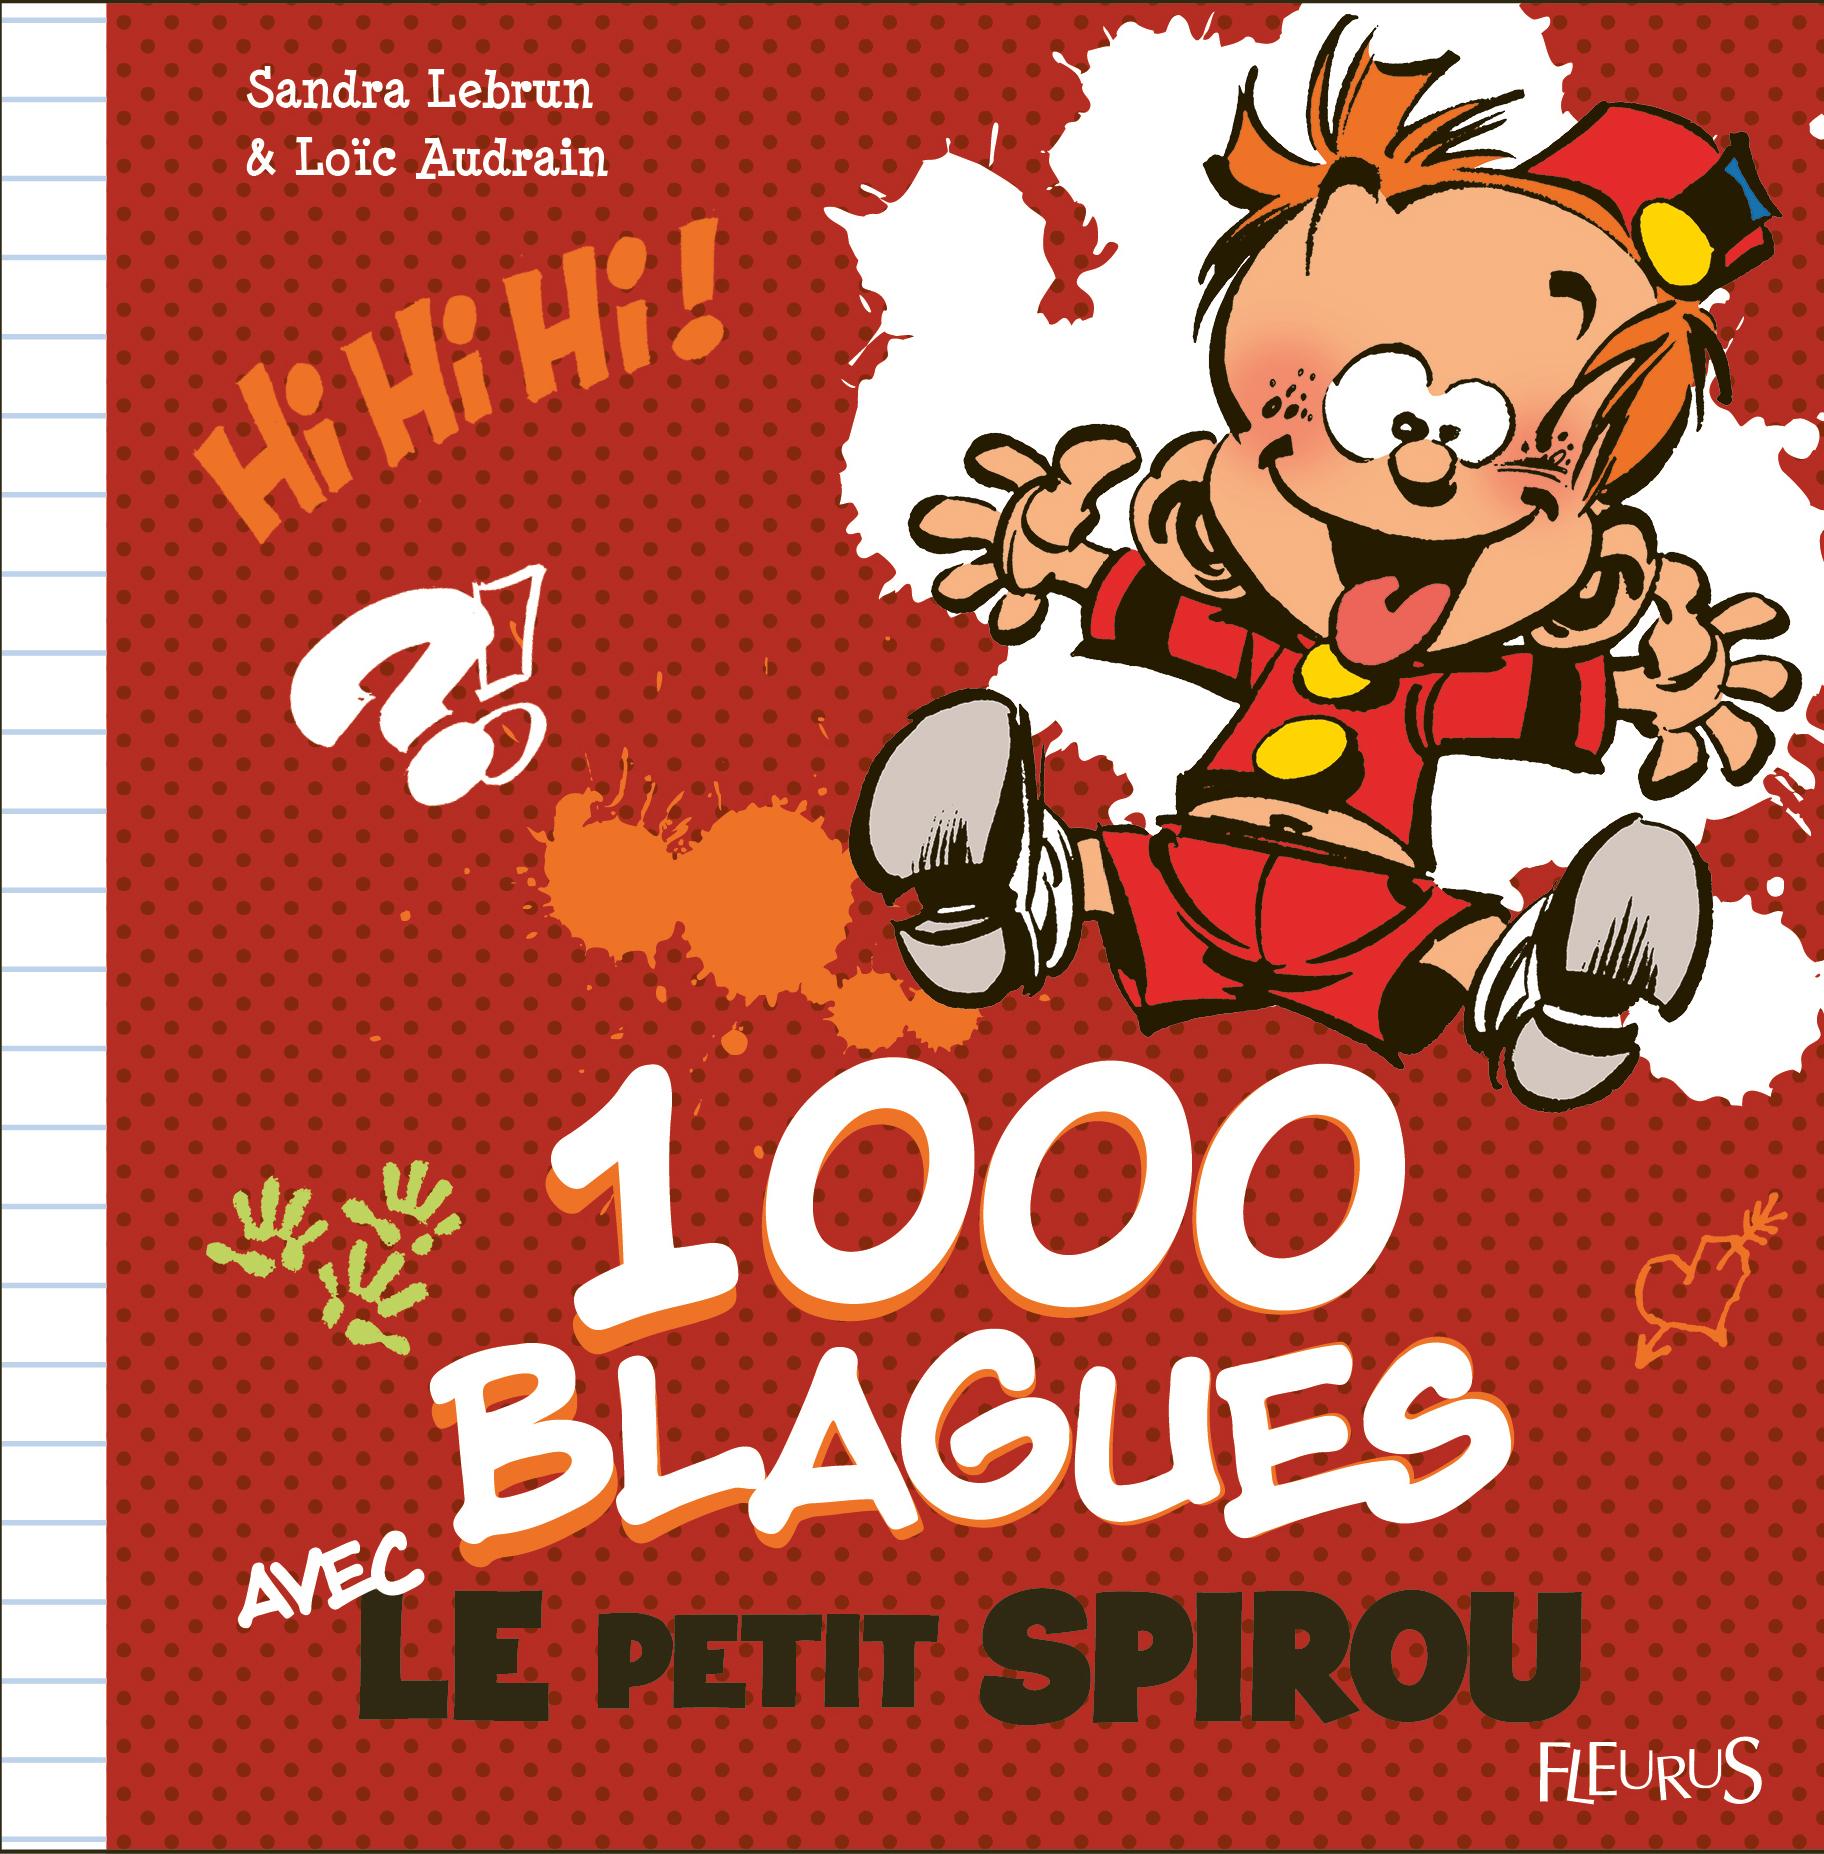 1000 BLAGUES AVEC LE PETIT SPIROU